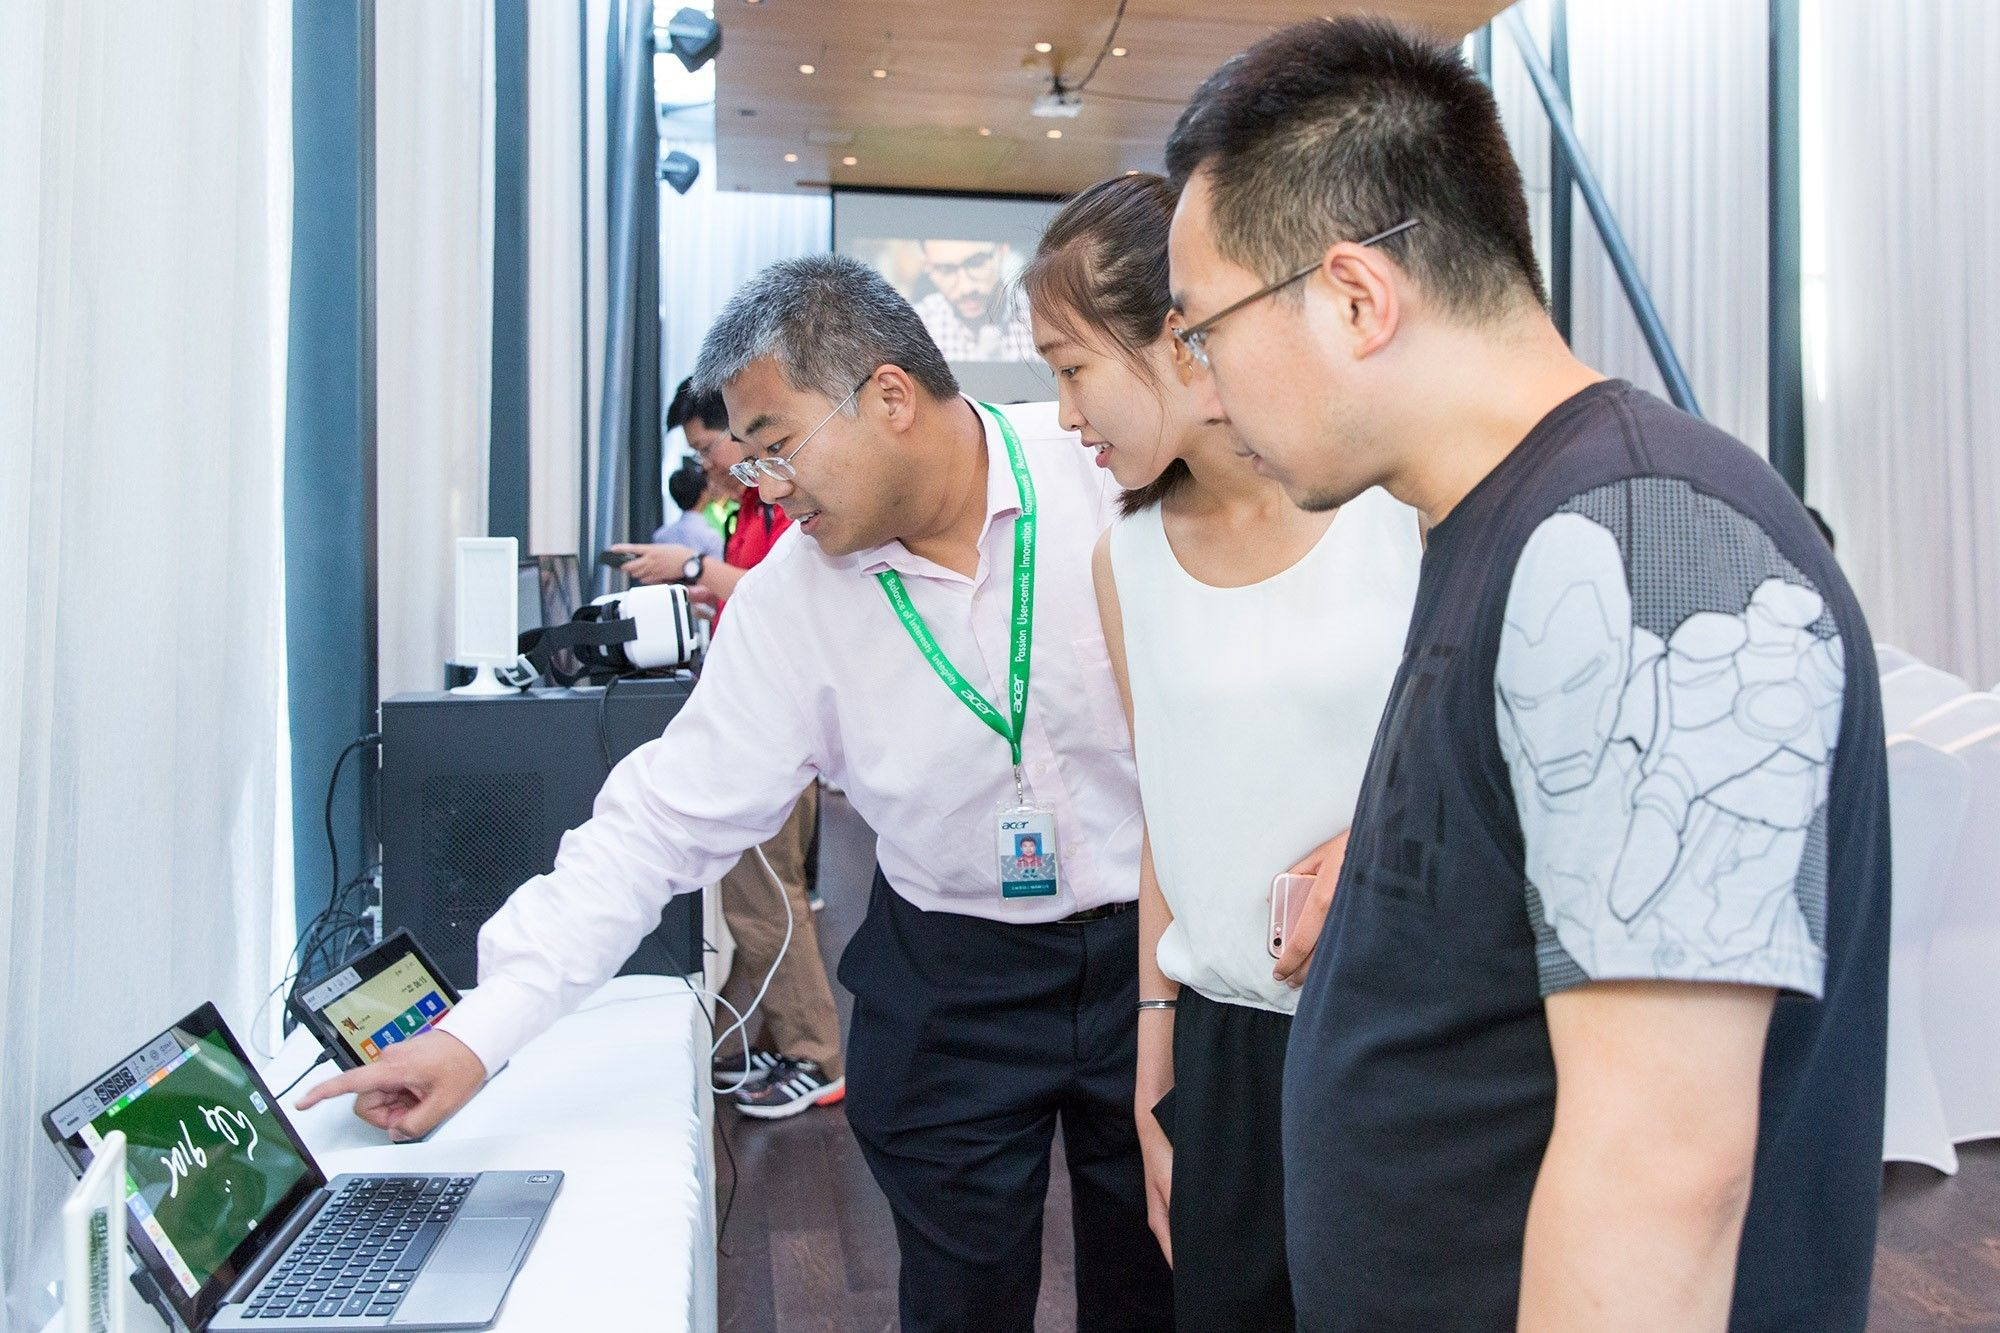 不止于 PC,Acer 展示 2016 年全系新品